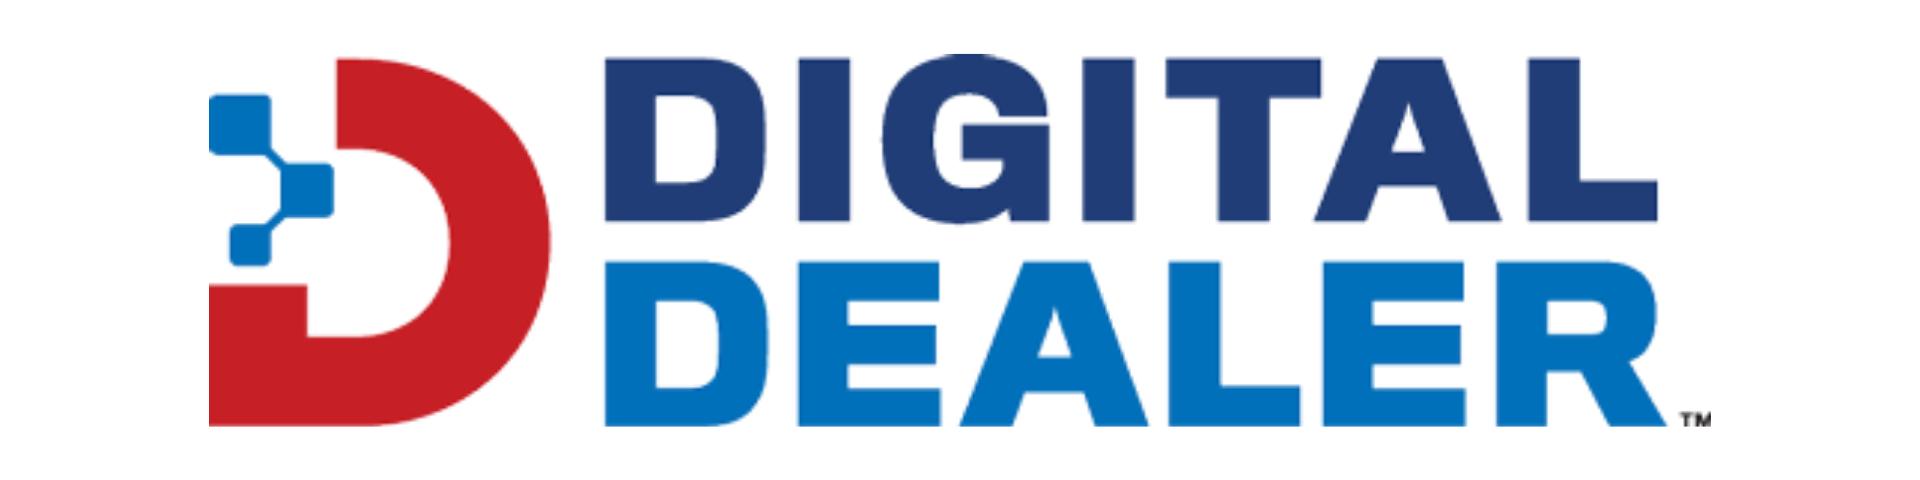 Digital Dealer 2021